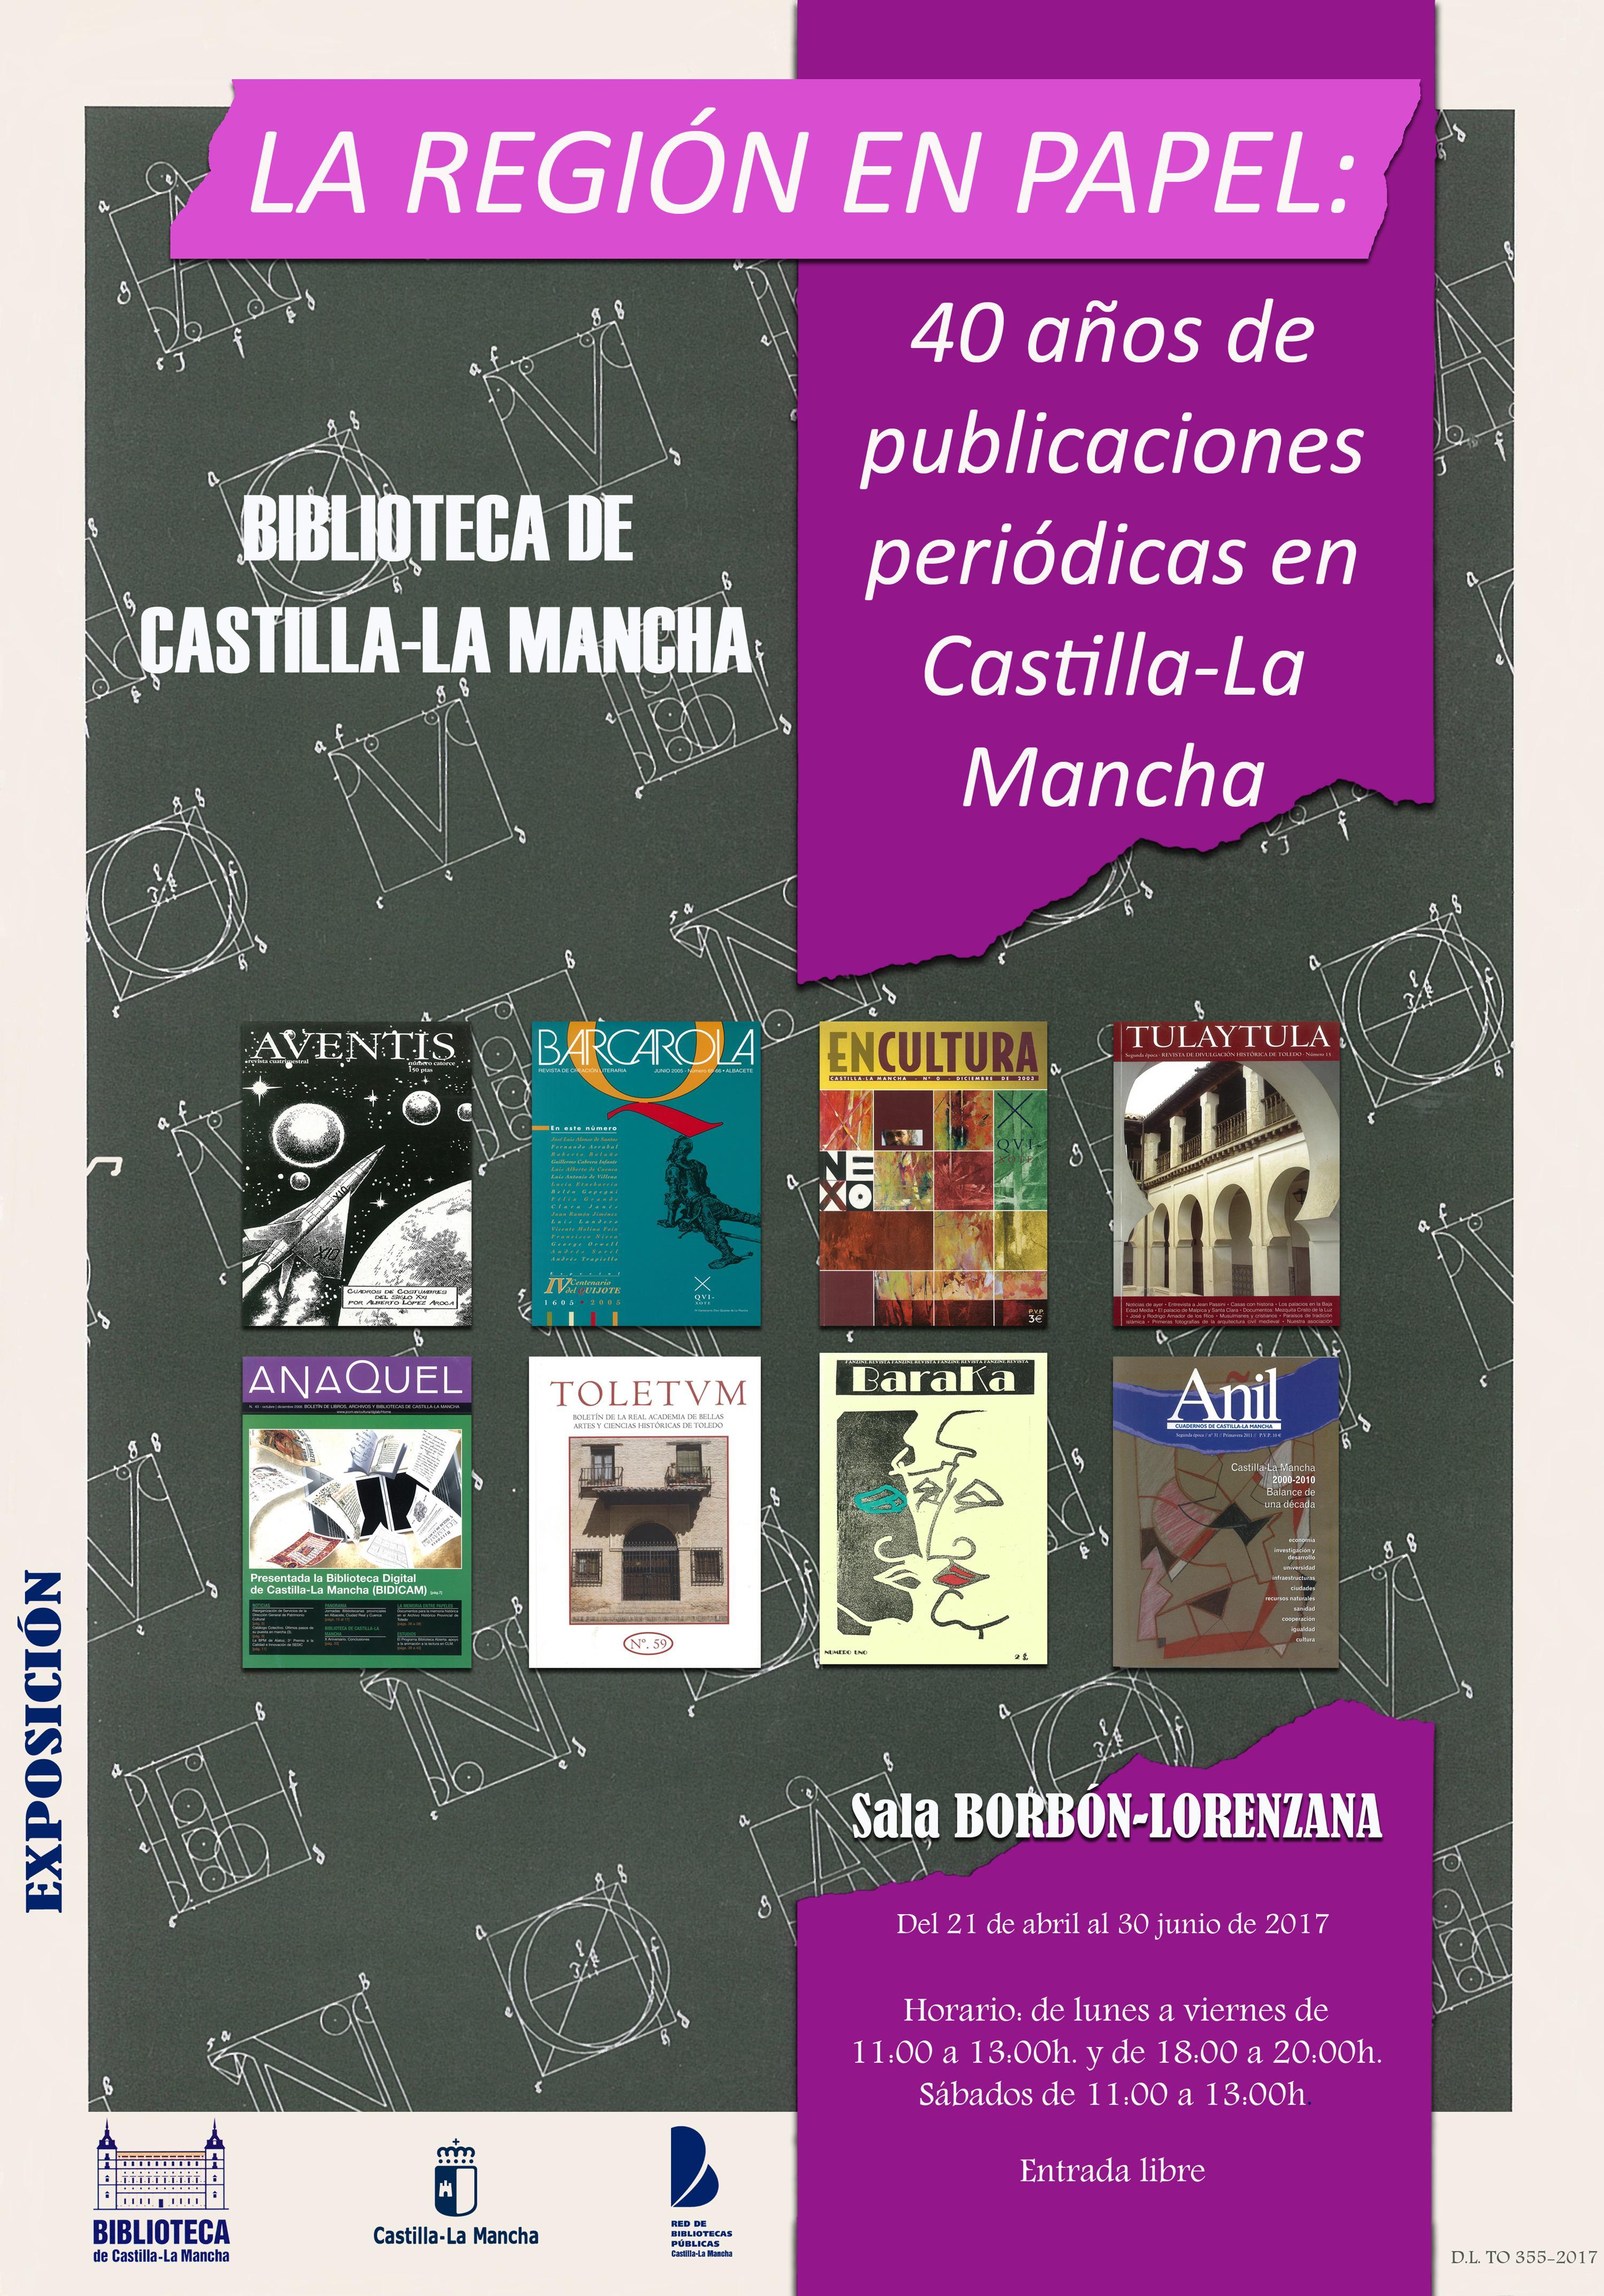 Imagen de la actividad La región en papel: 40 años de publicaciones periódicas en Castilla-La Mancha